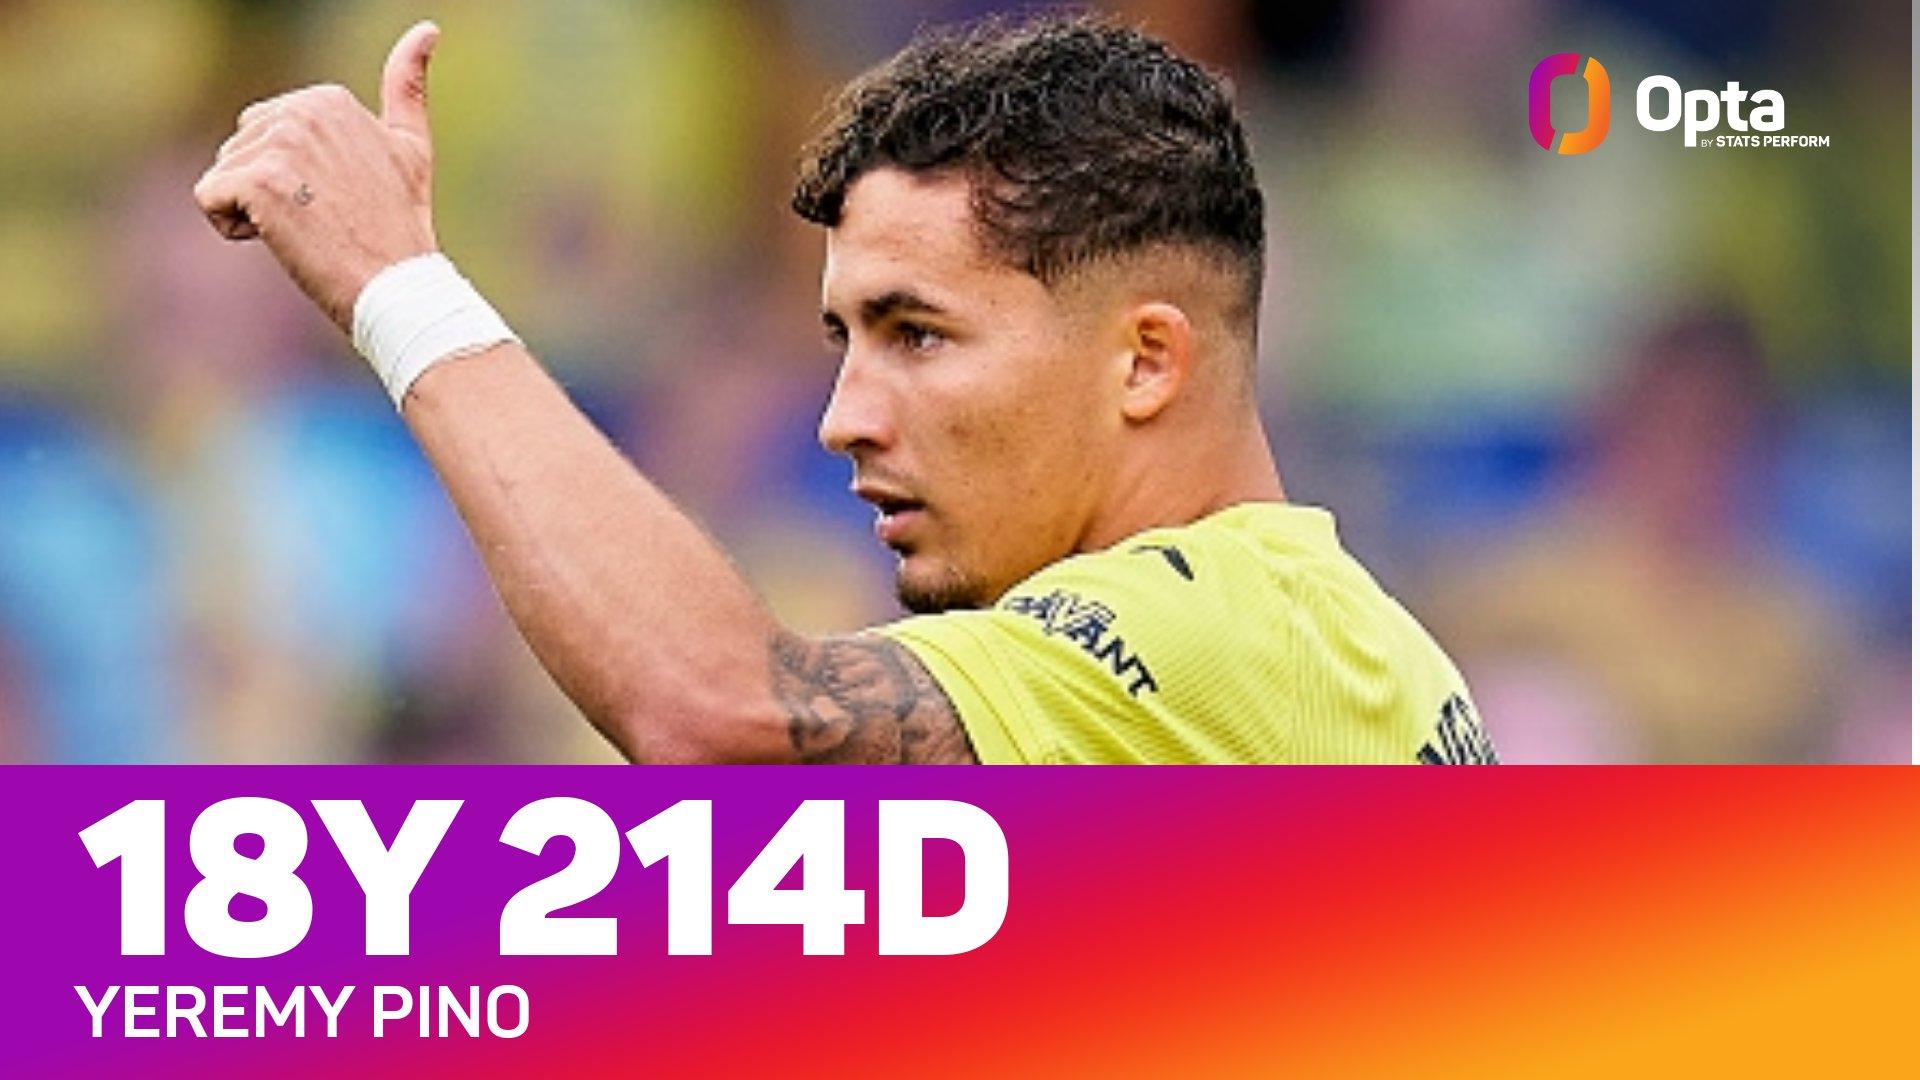 前途无量!耶雷米成本世纪西甲最年轻攻破皇马球门的球员